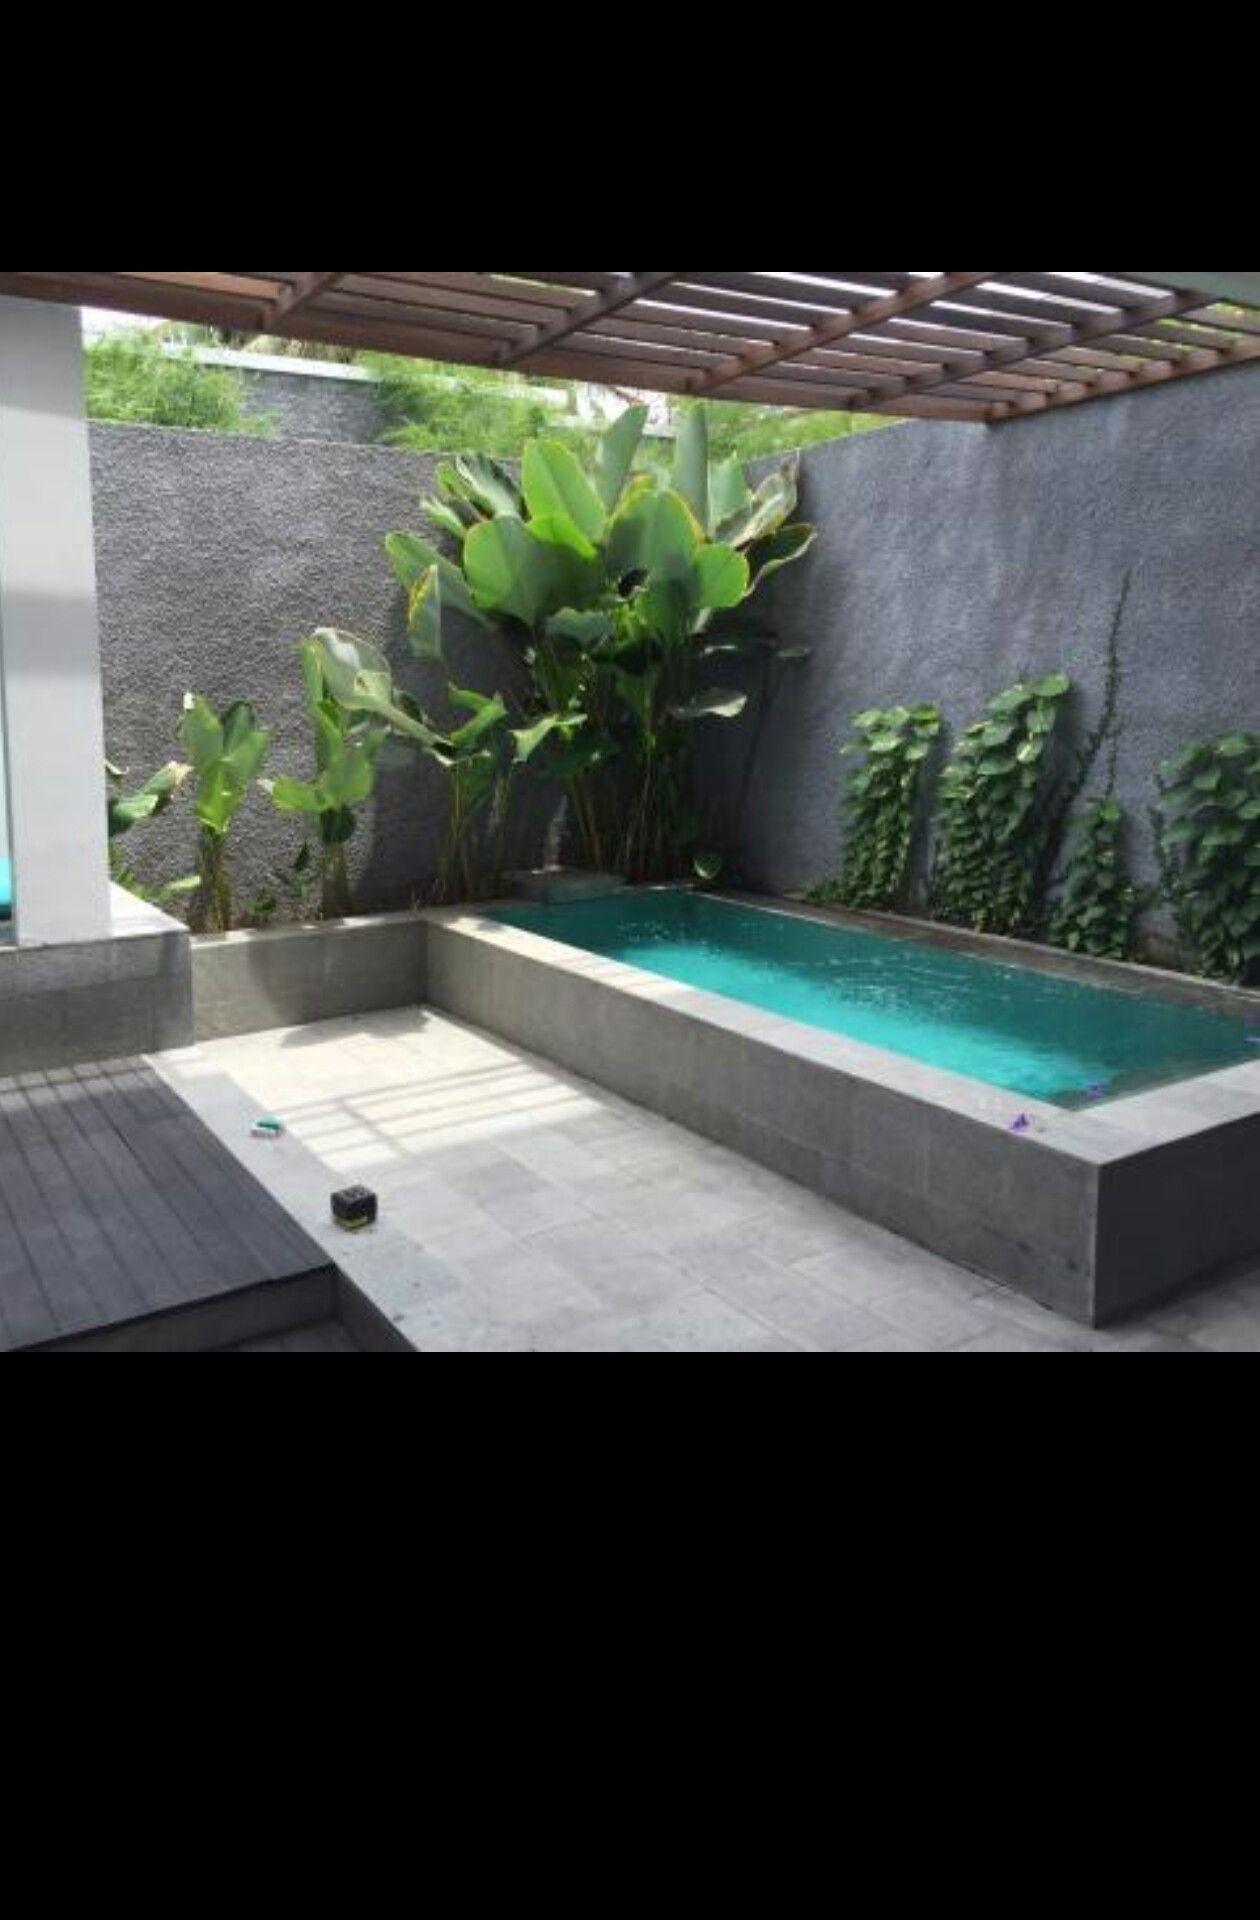 Foto Di Piscine Private mini piscine (avec images) | piscine et jardin, mini piscine